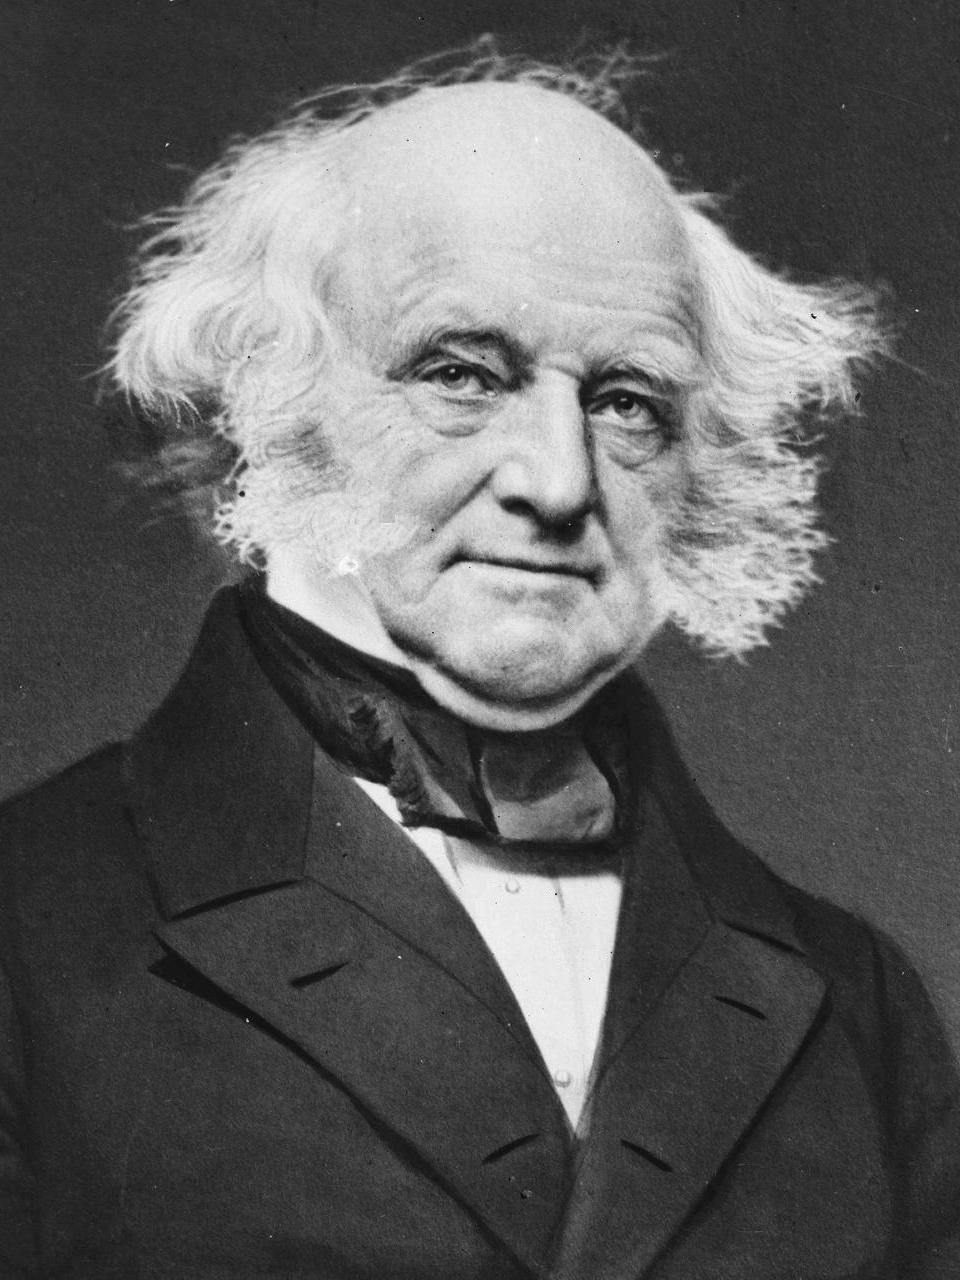 Martin Van Buren 8th U.S. President